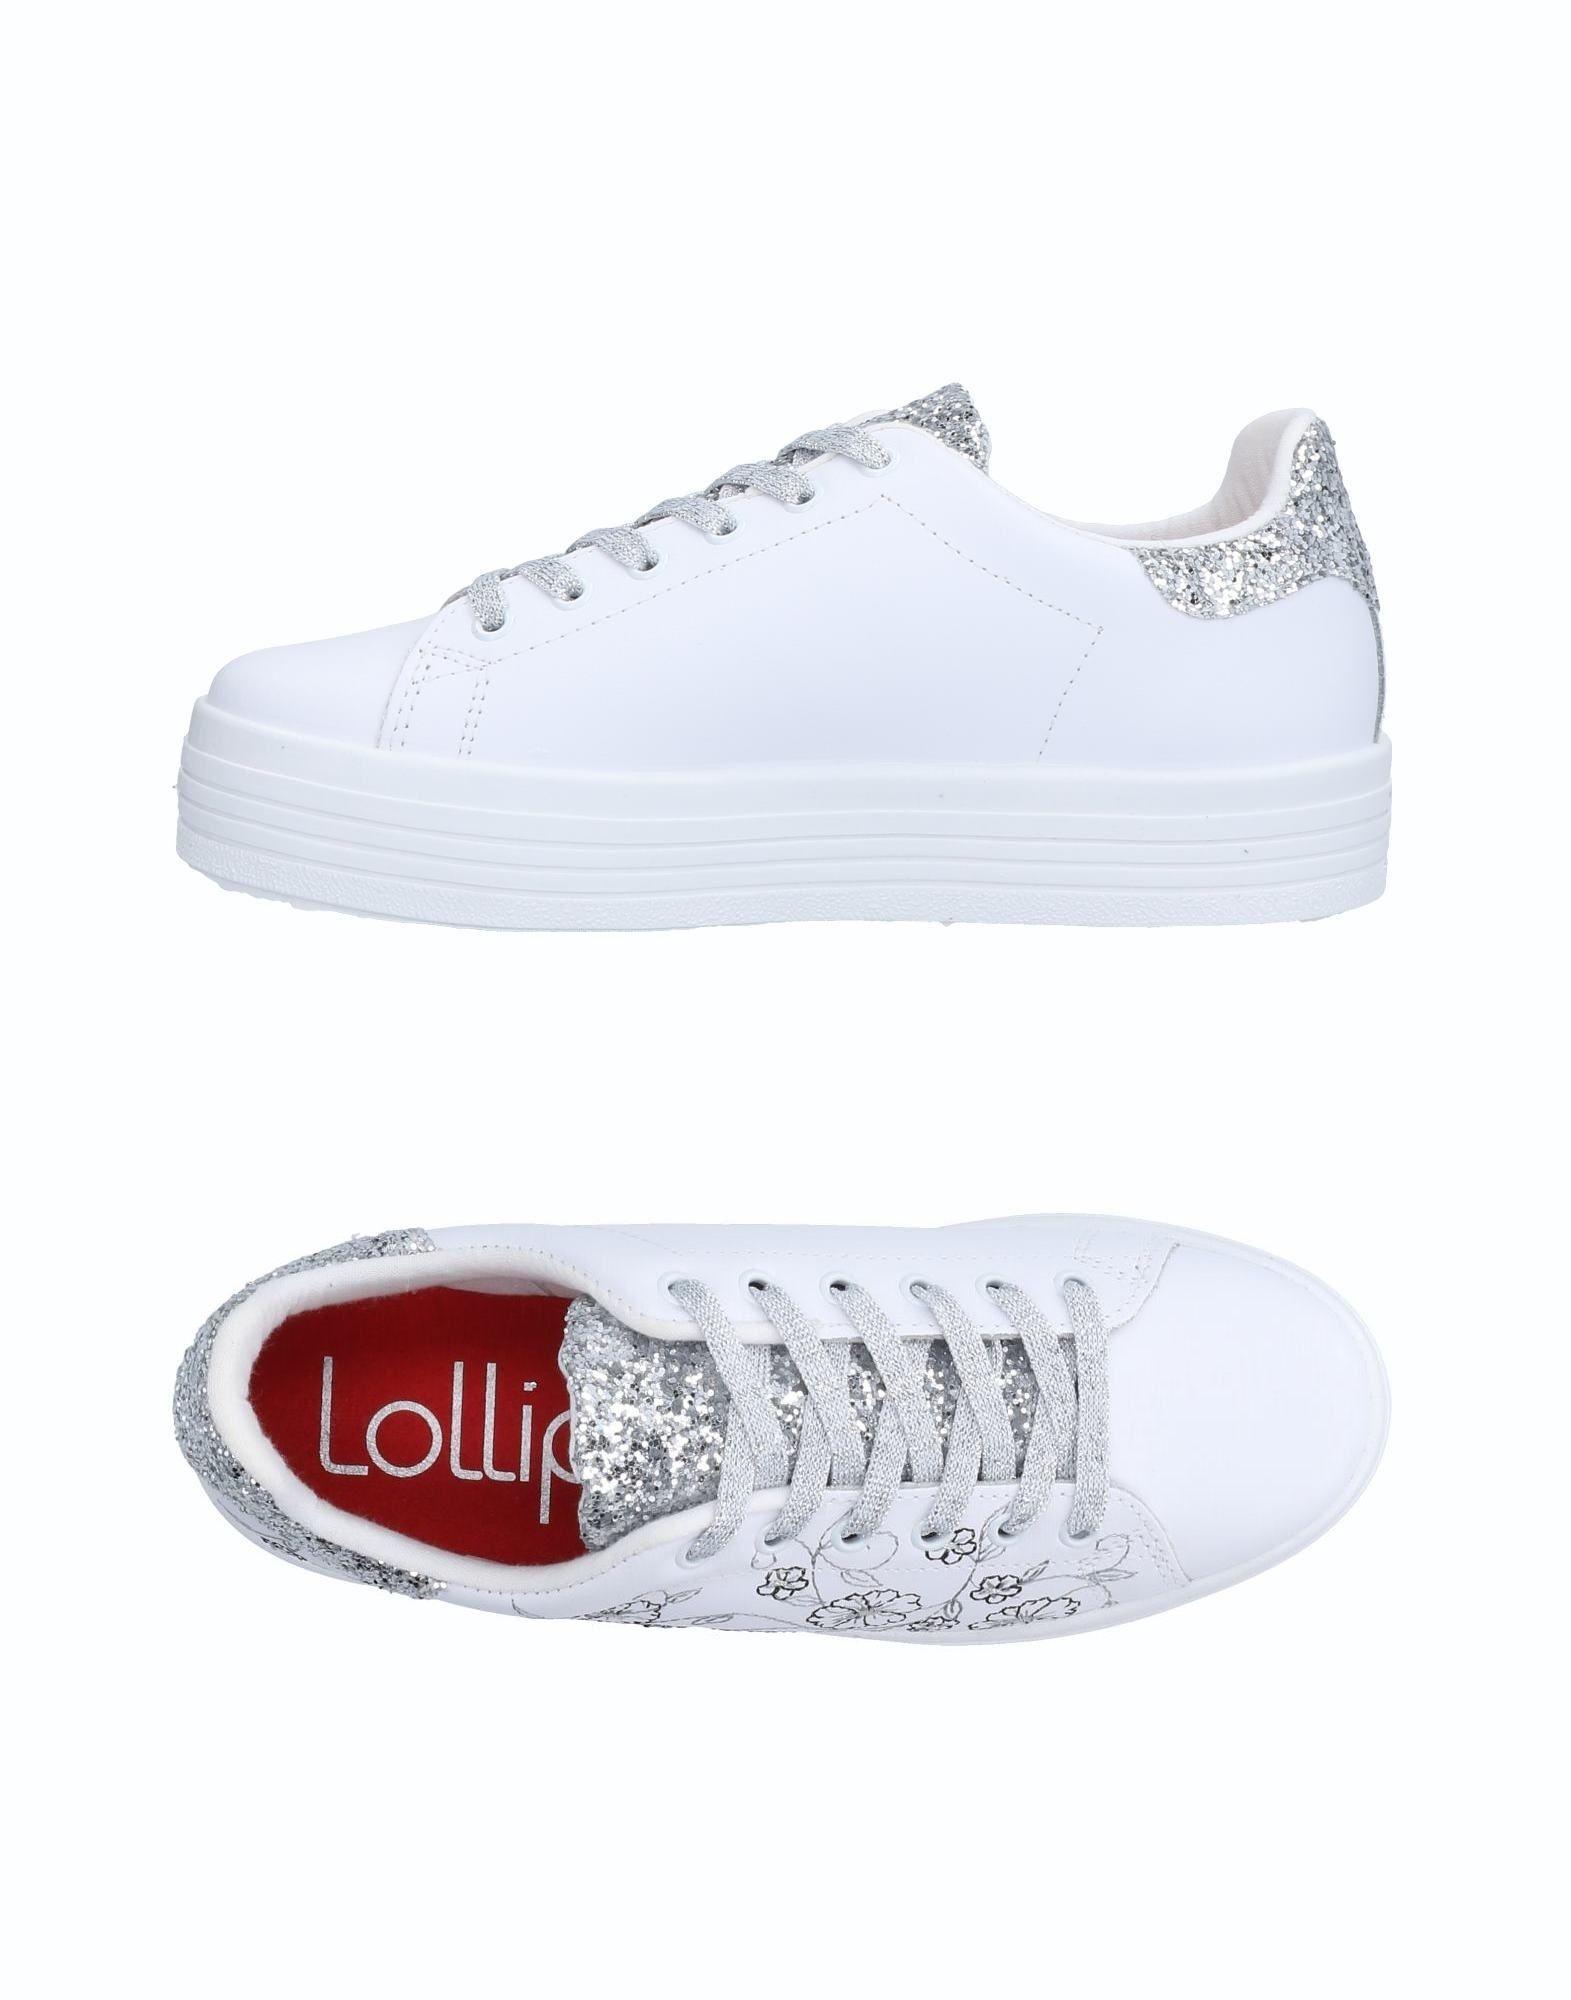 Moda Sneakers Sneakers Moda Lollipops Donna - 11515095WD 198ac7